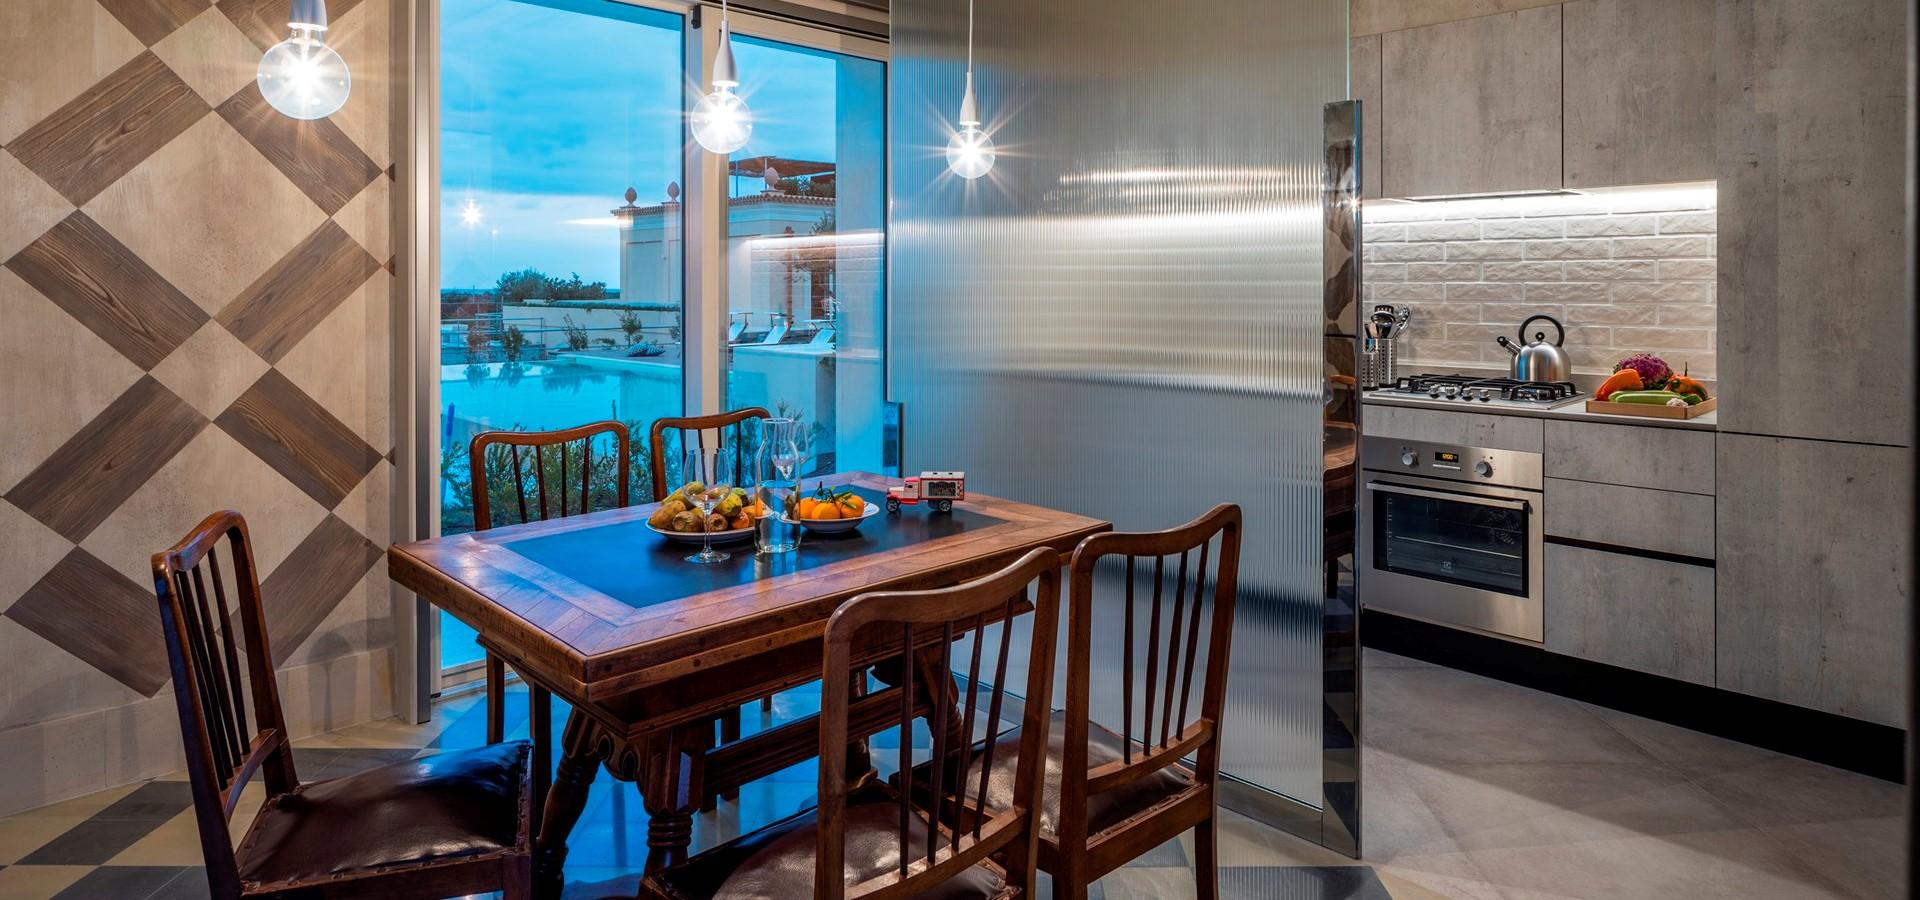 villa-annexe-kitchen-dining-space